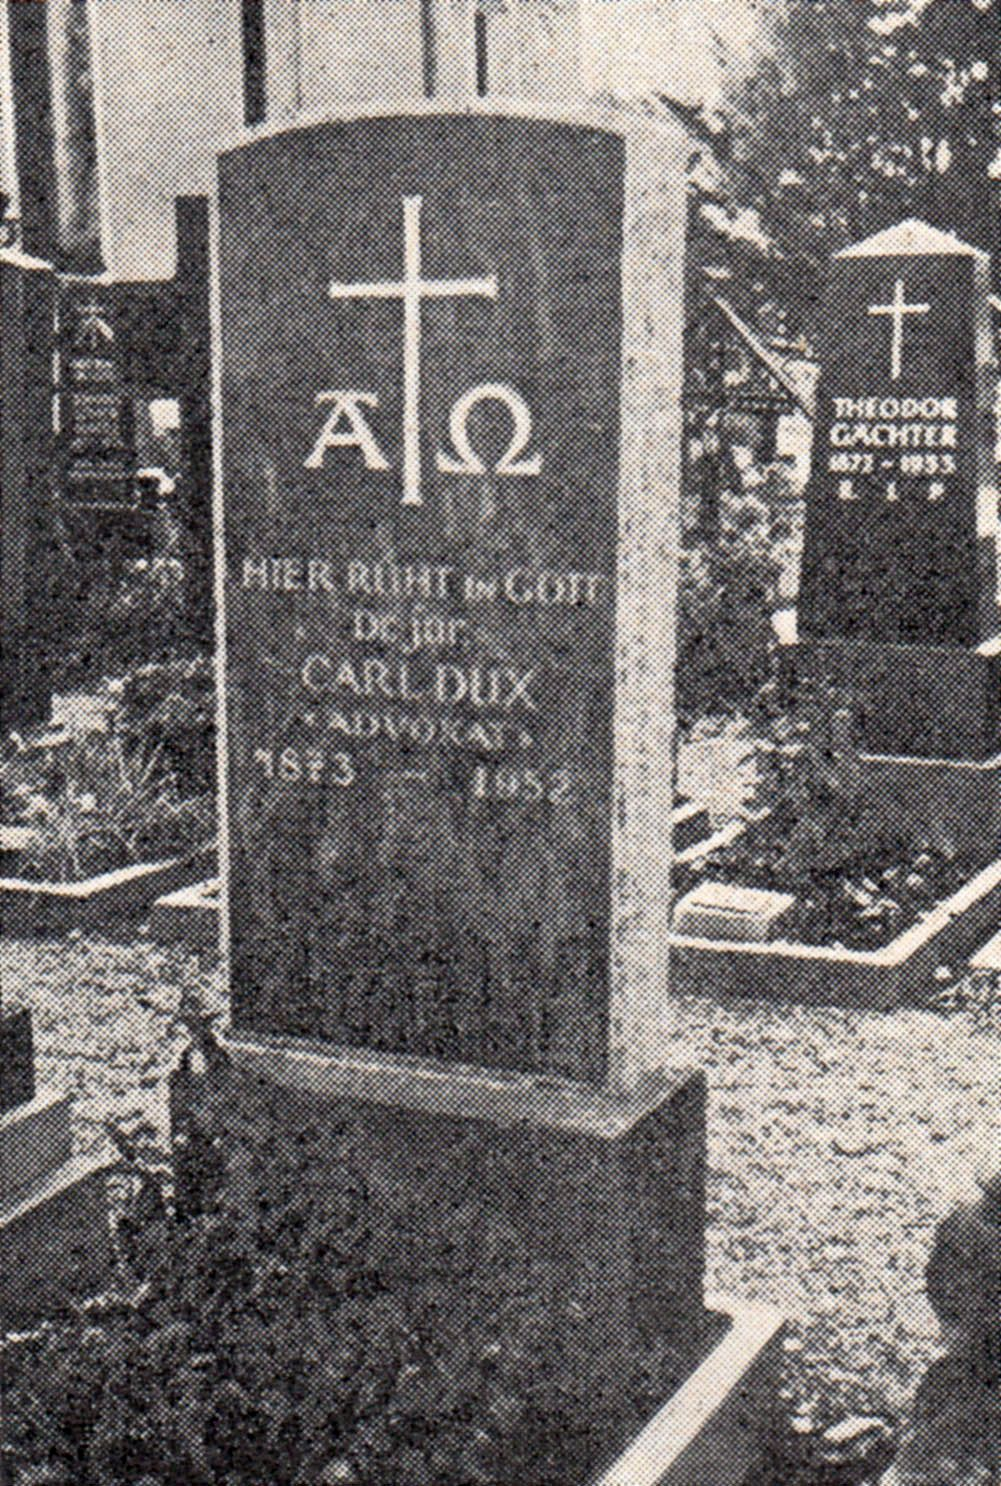 Grabstein Carl Dux (1873-1952)